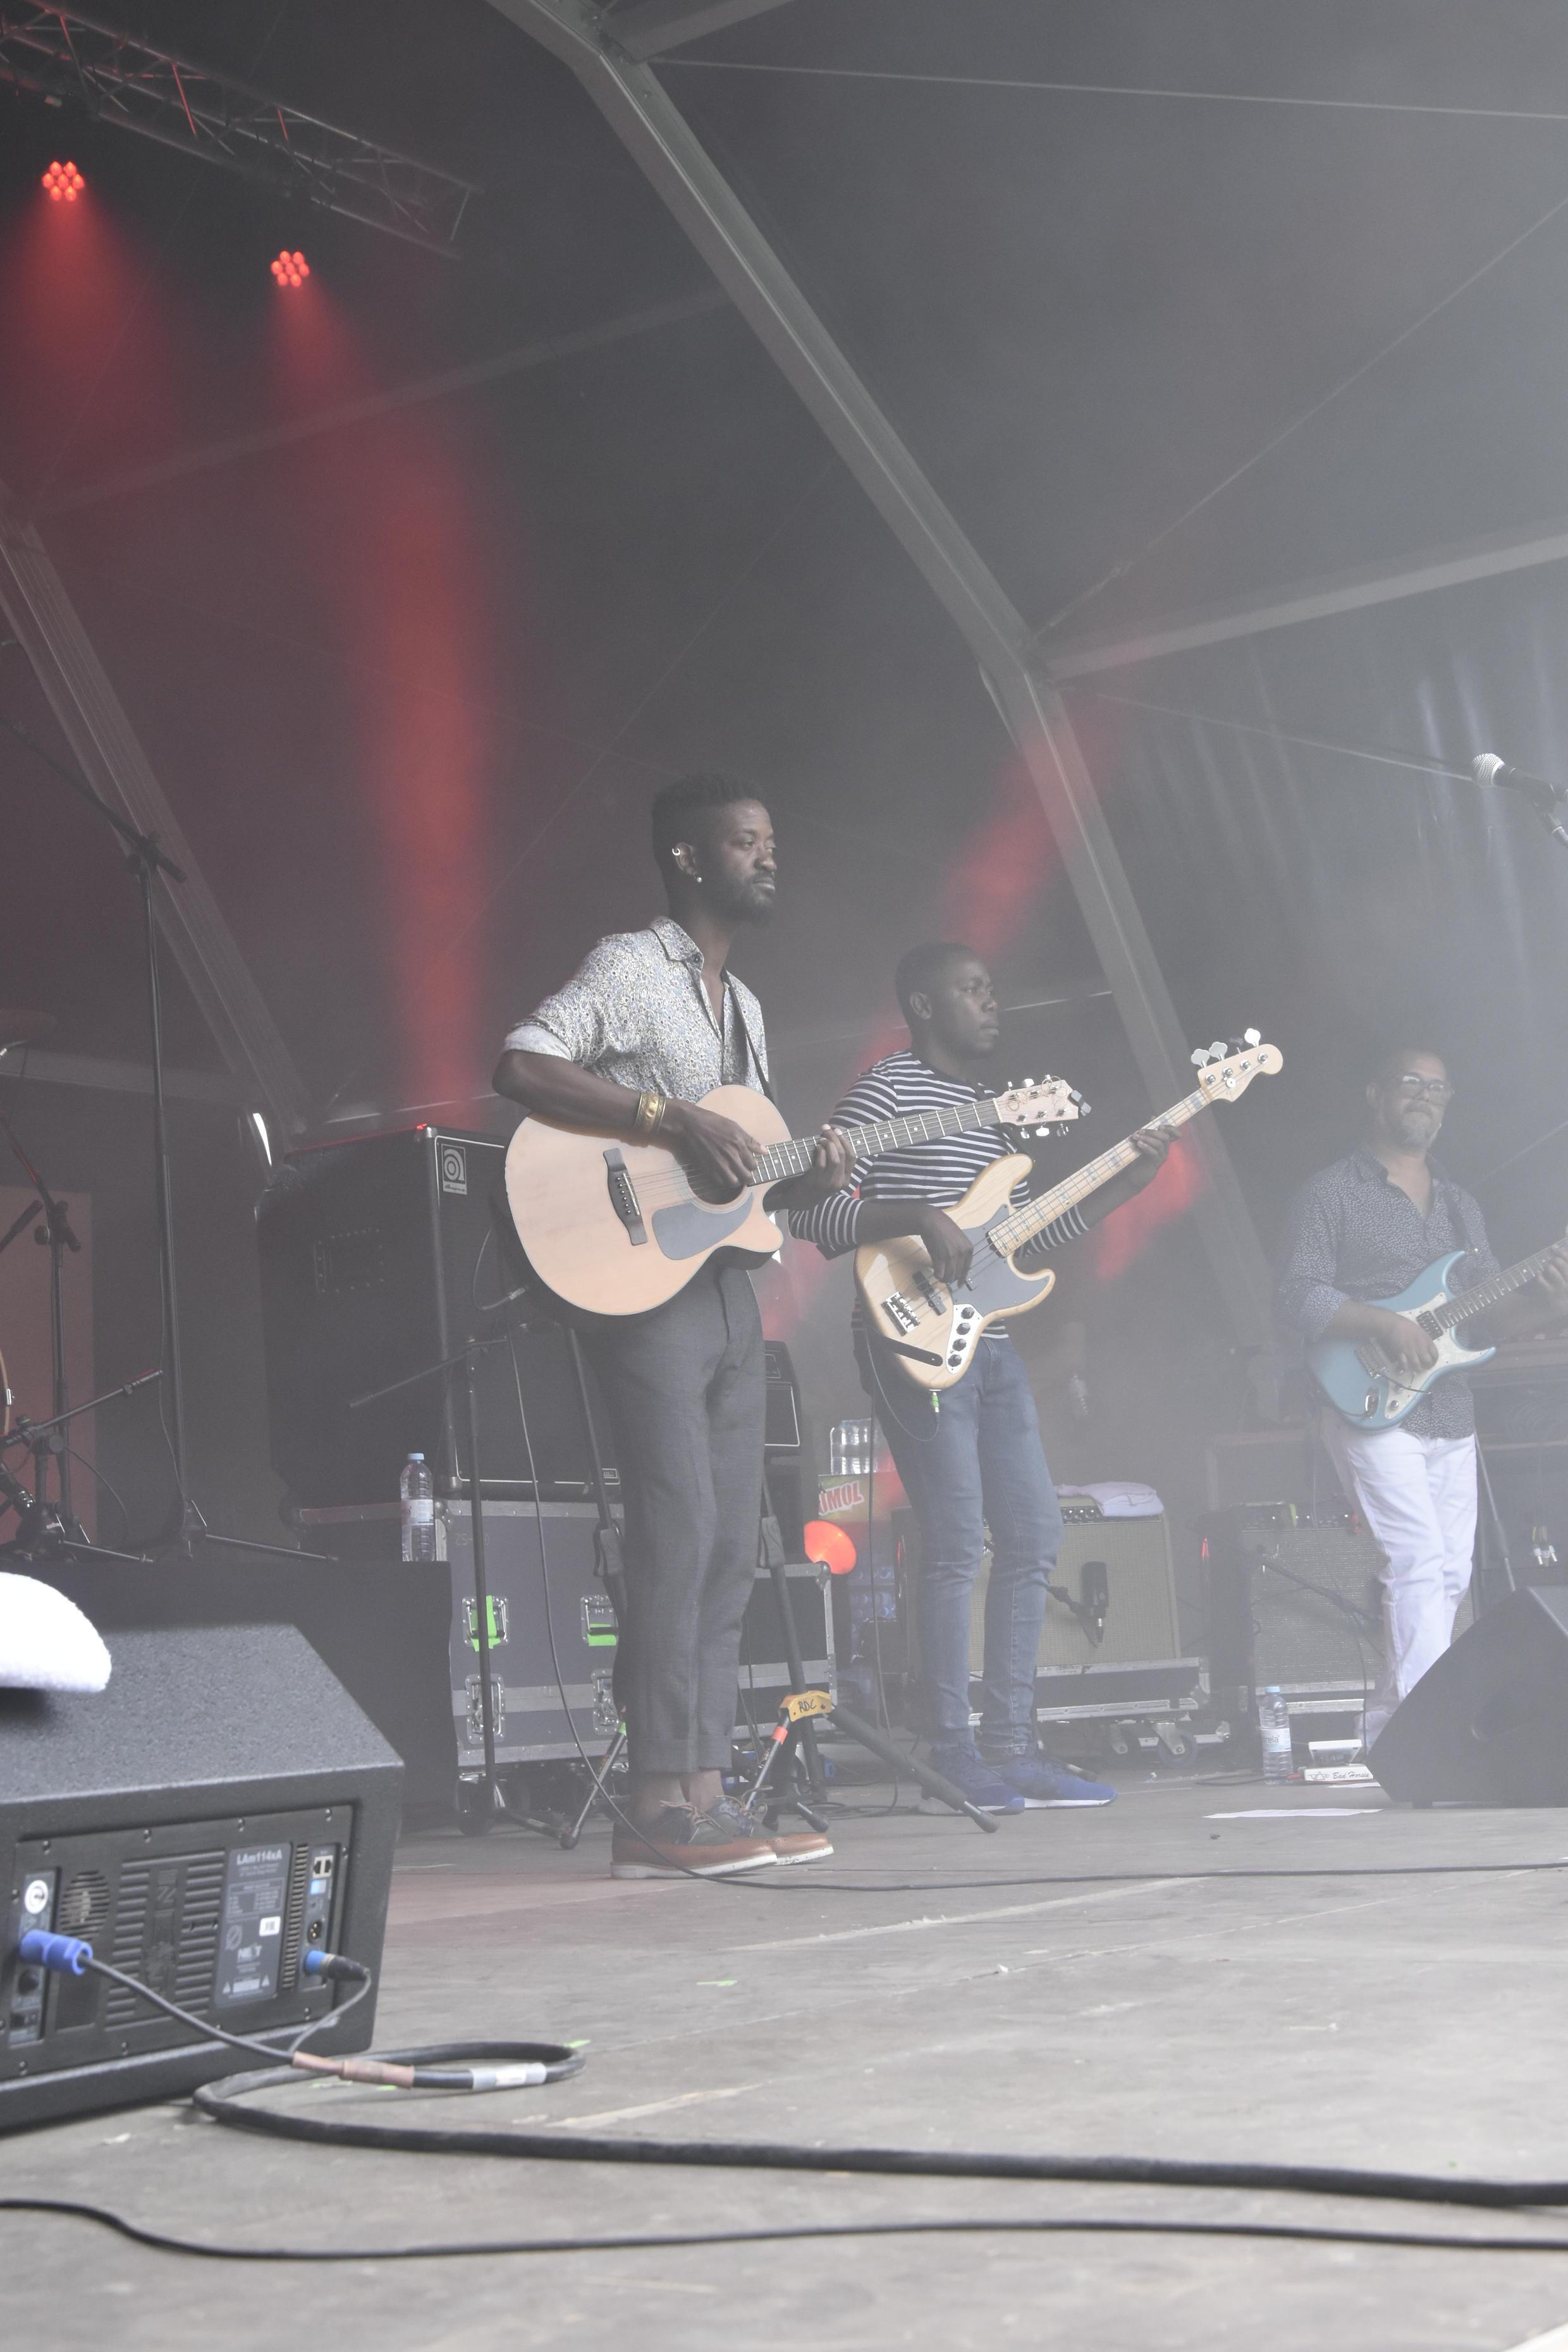 A'Mosi Just a Label (Jack  Nkanga) durante o seu concerto  no  Rock in Rio 2018.  Lisboa.29 de Junho  de 2018